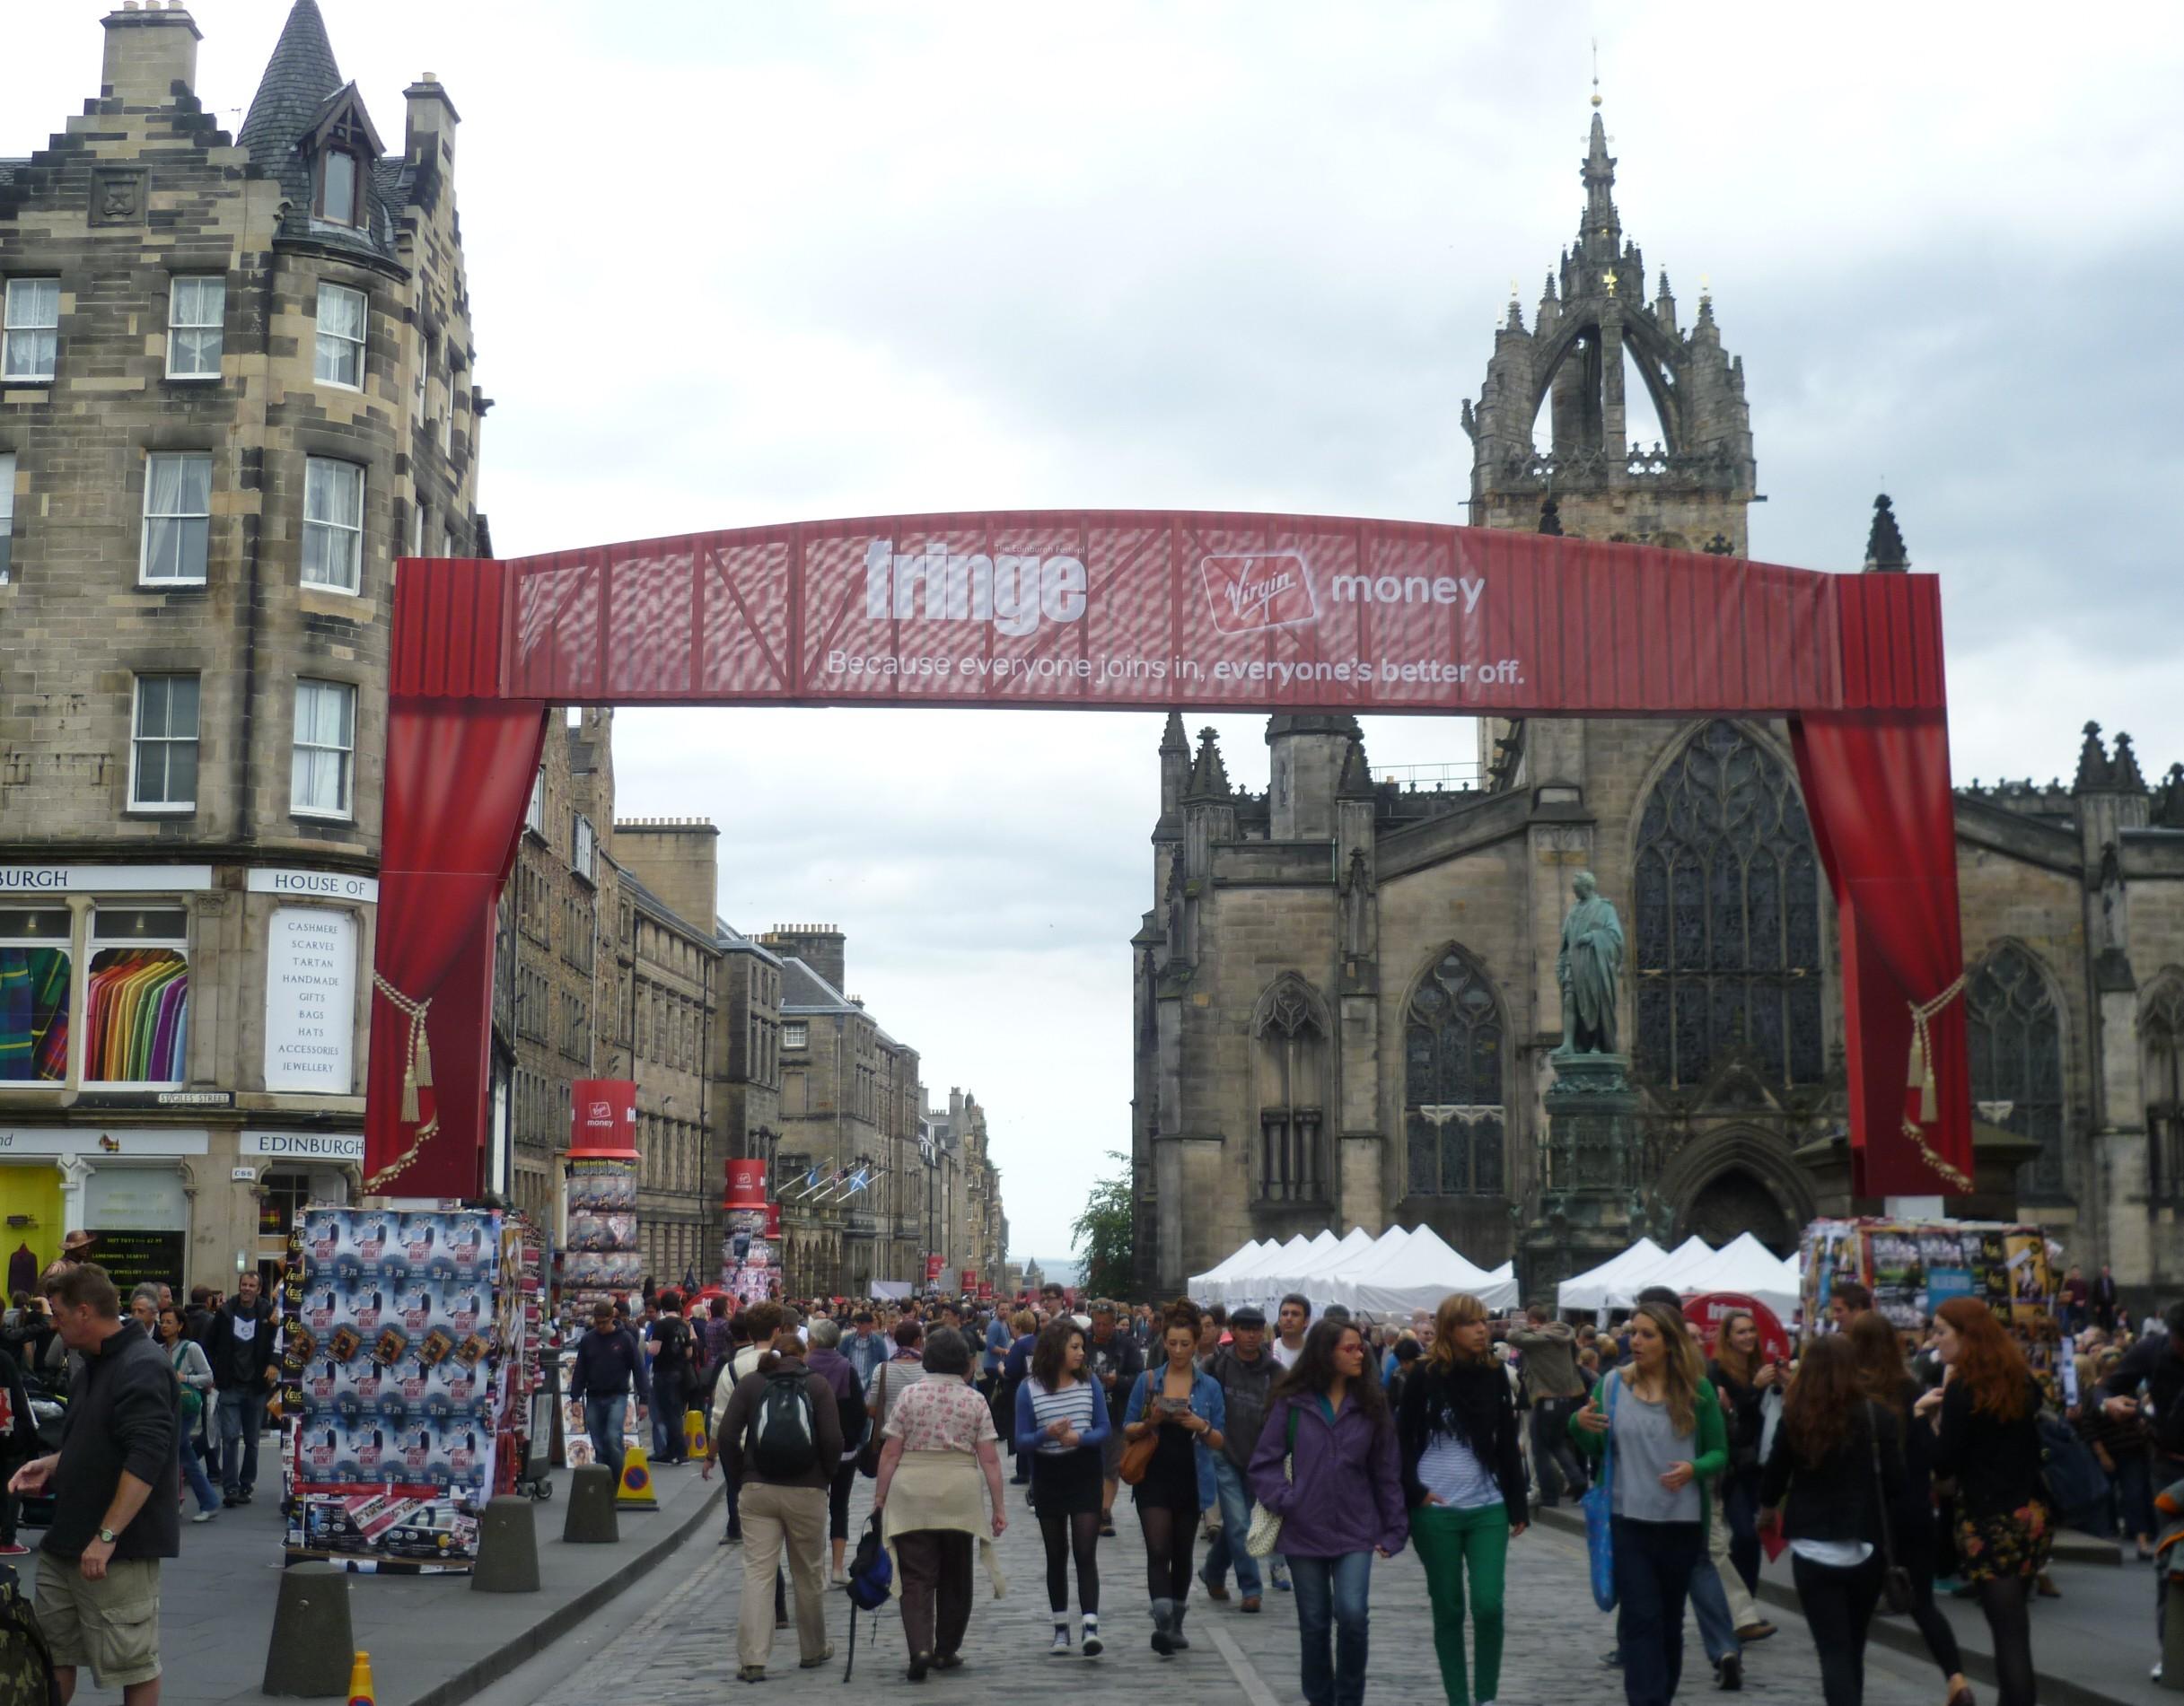 Edinburgh_Festival_Fringe,_2011